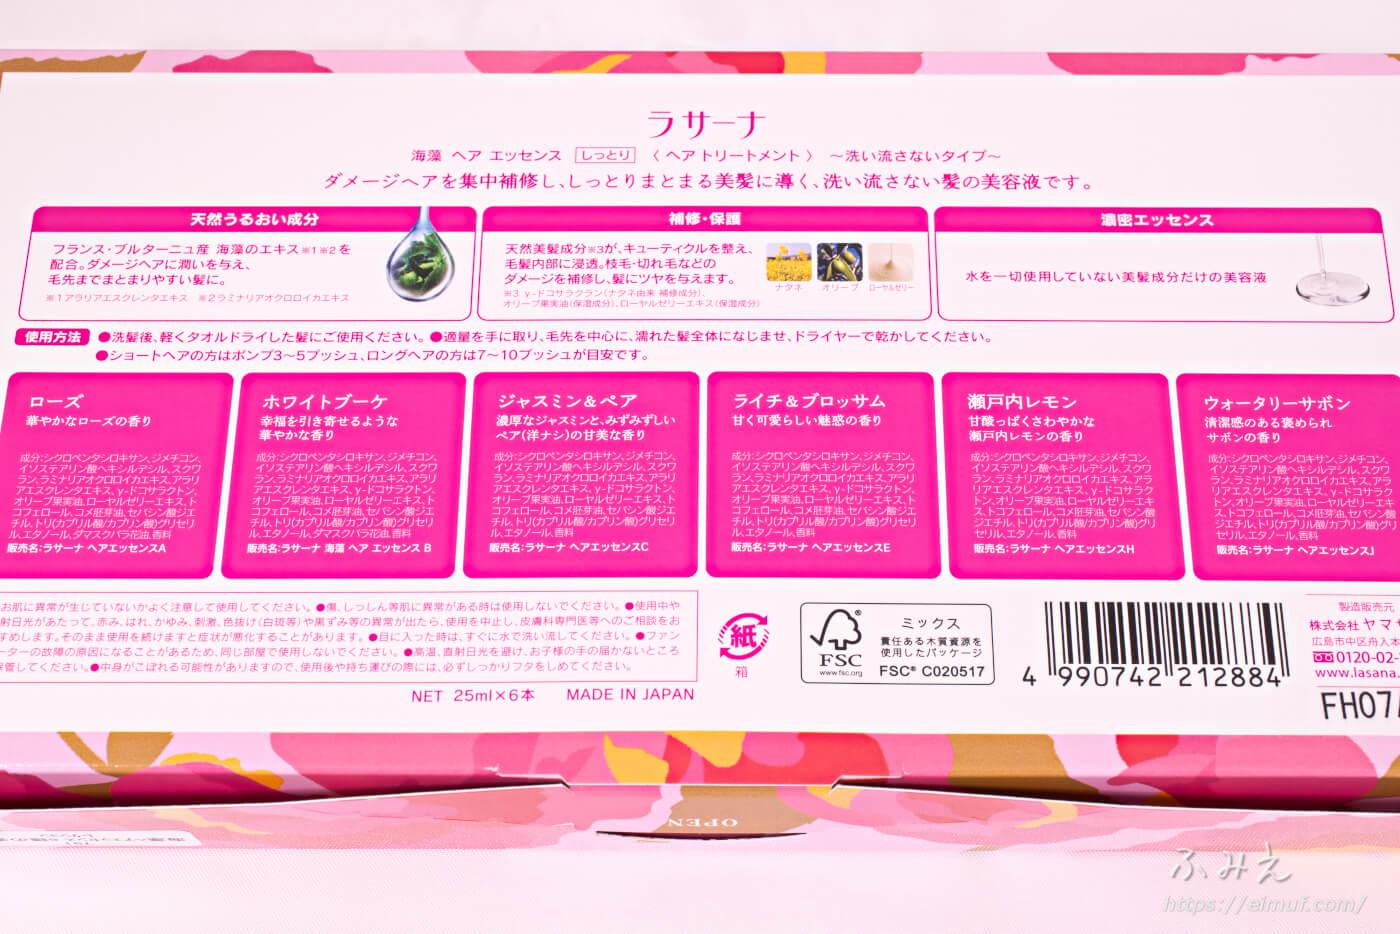 ラサーナ 海藻 ヘアエッセンス 6種の香りコレクションの外箱裏面